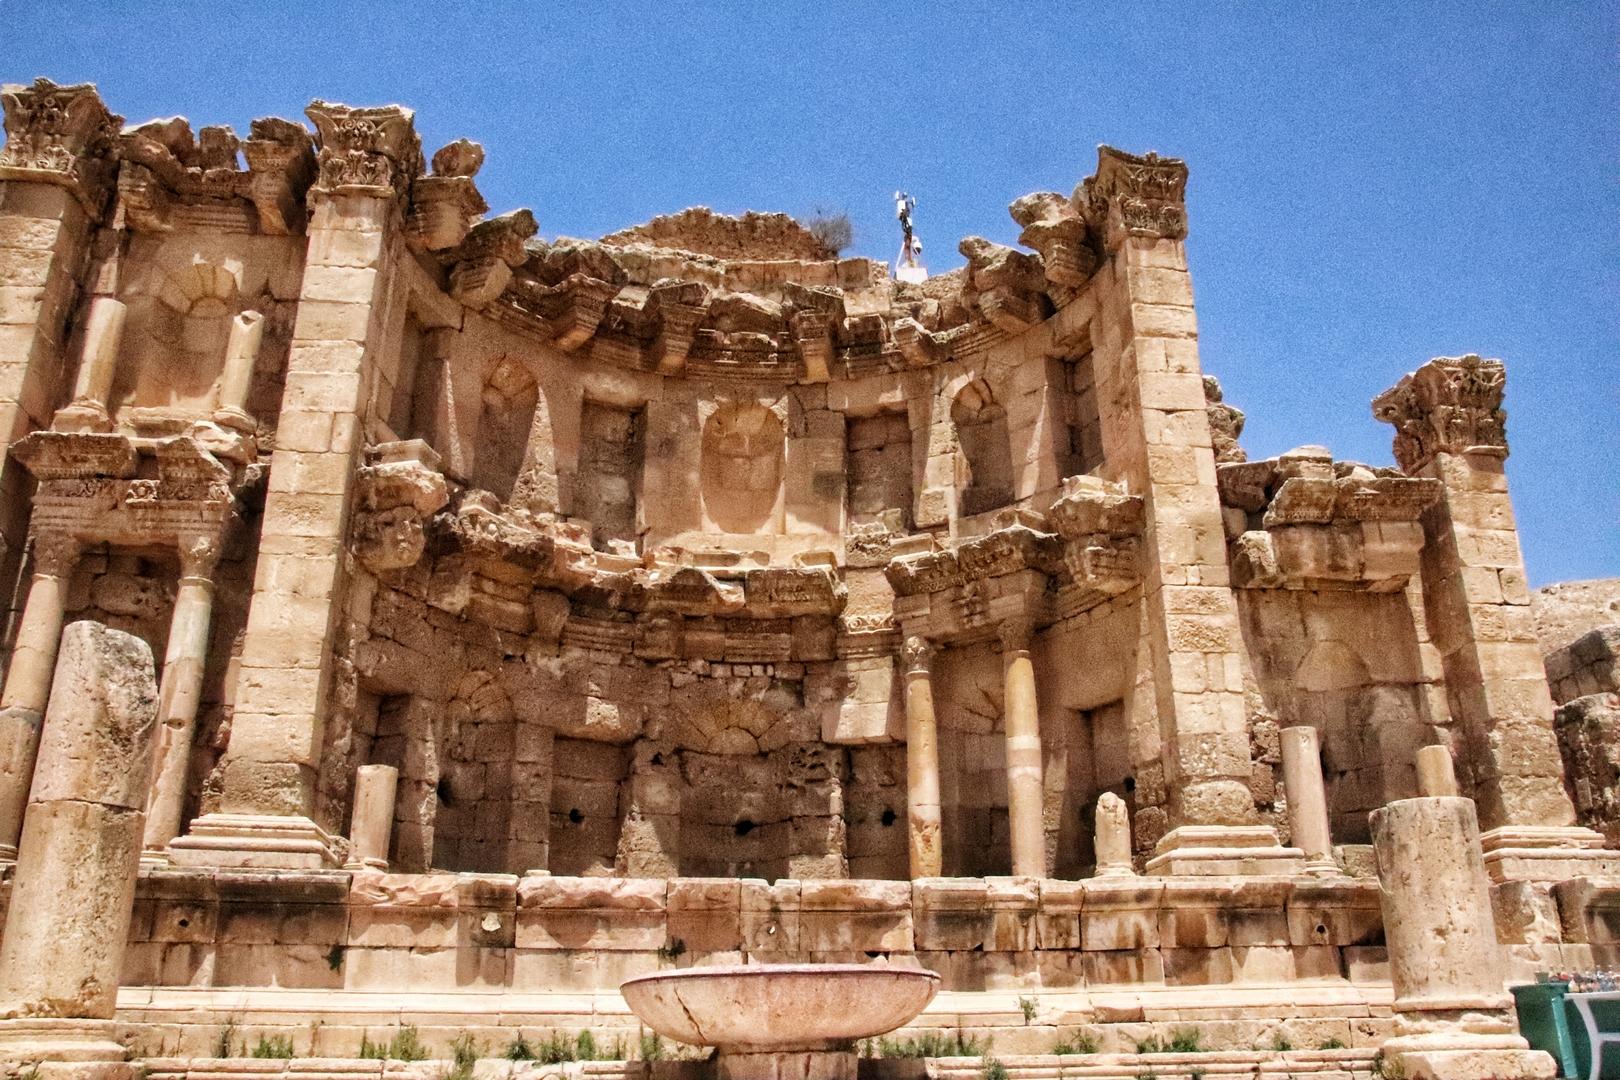 Jordanie - Le nymphée sur le site romain de Jerash